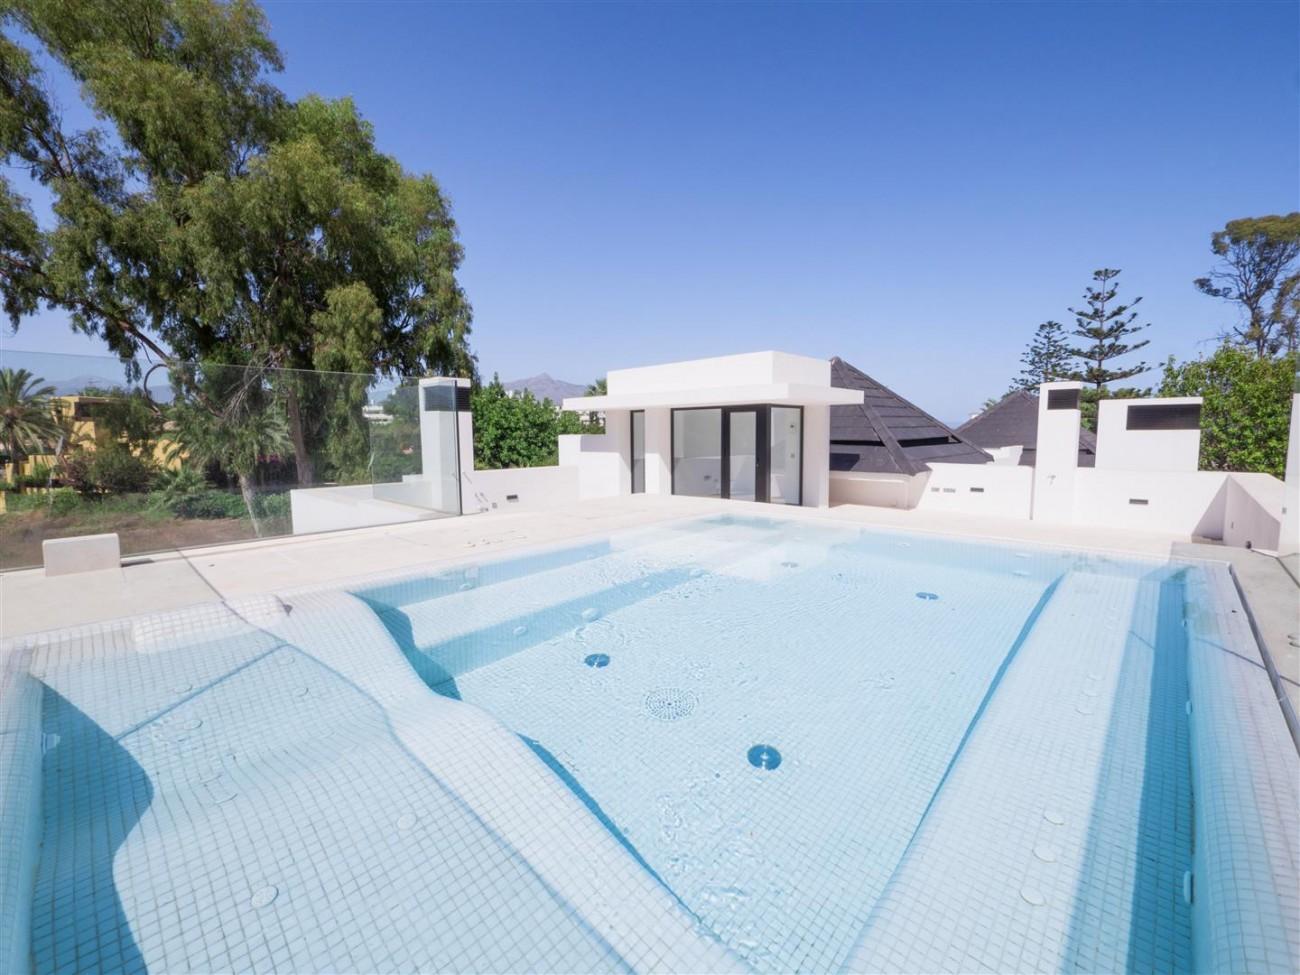 Contemporary villa for sale close to the beach Marbella (20) (Large)